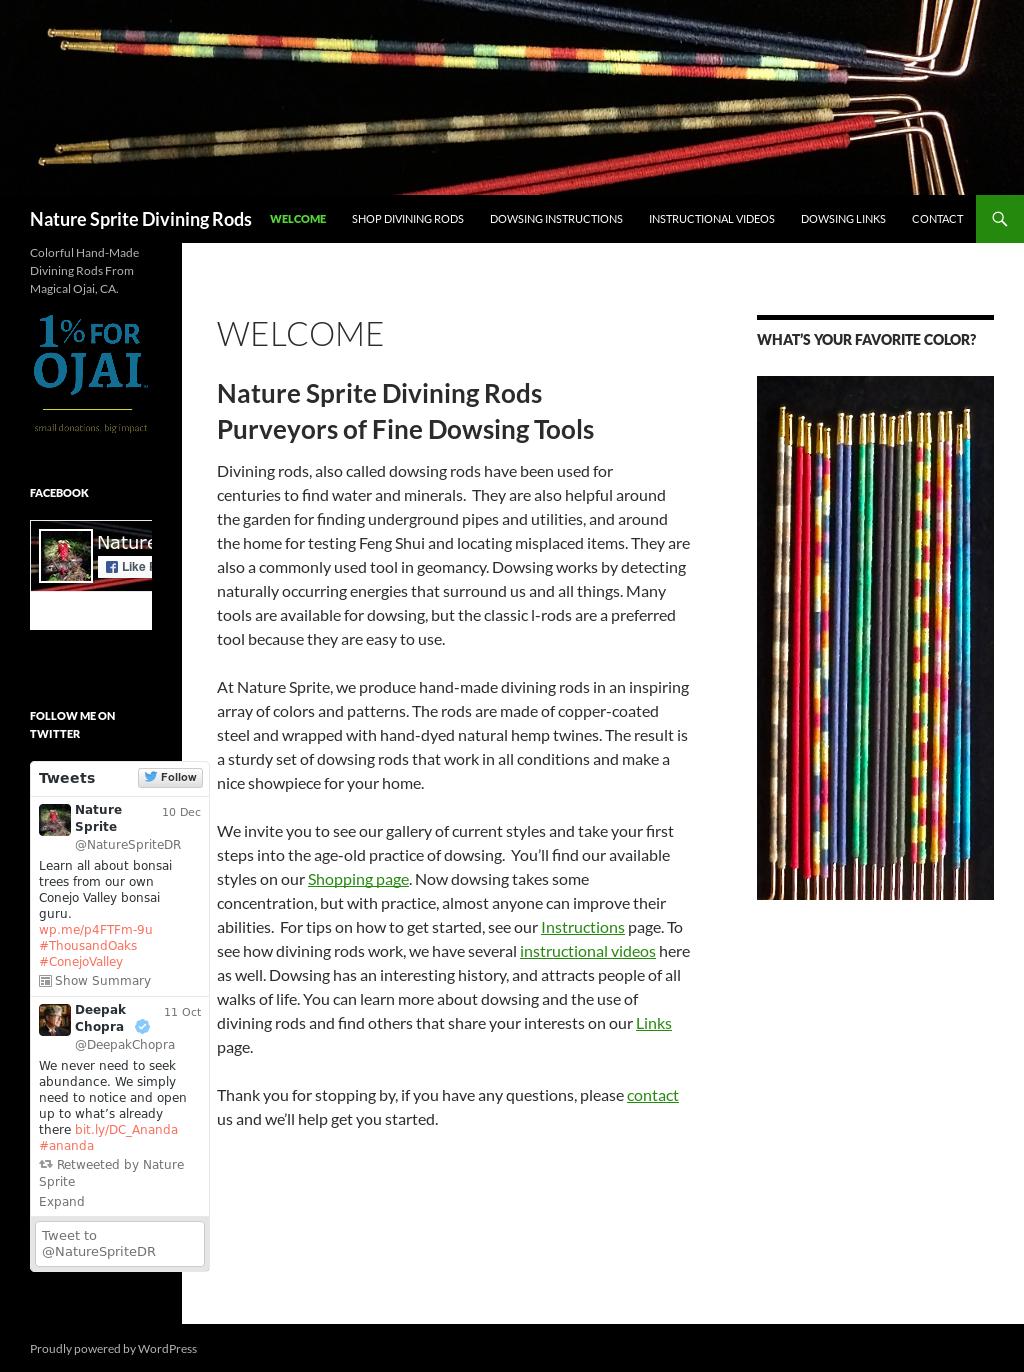 Nature Sprite Divining Rods Competitors, Revenue and